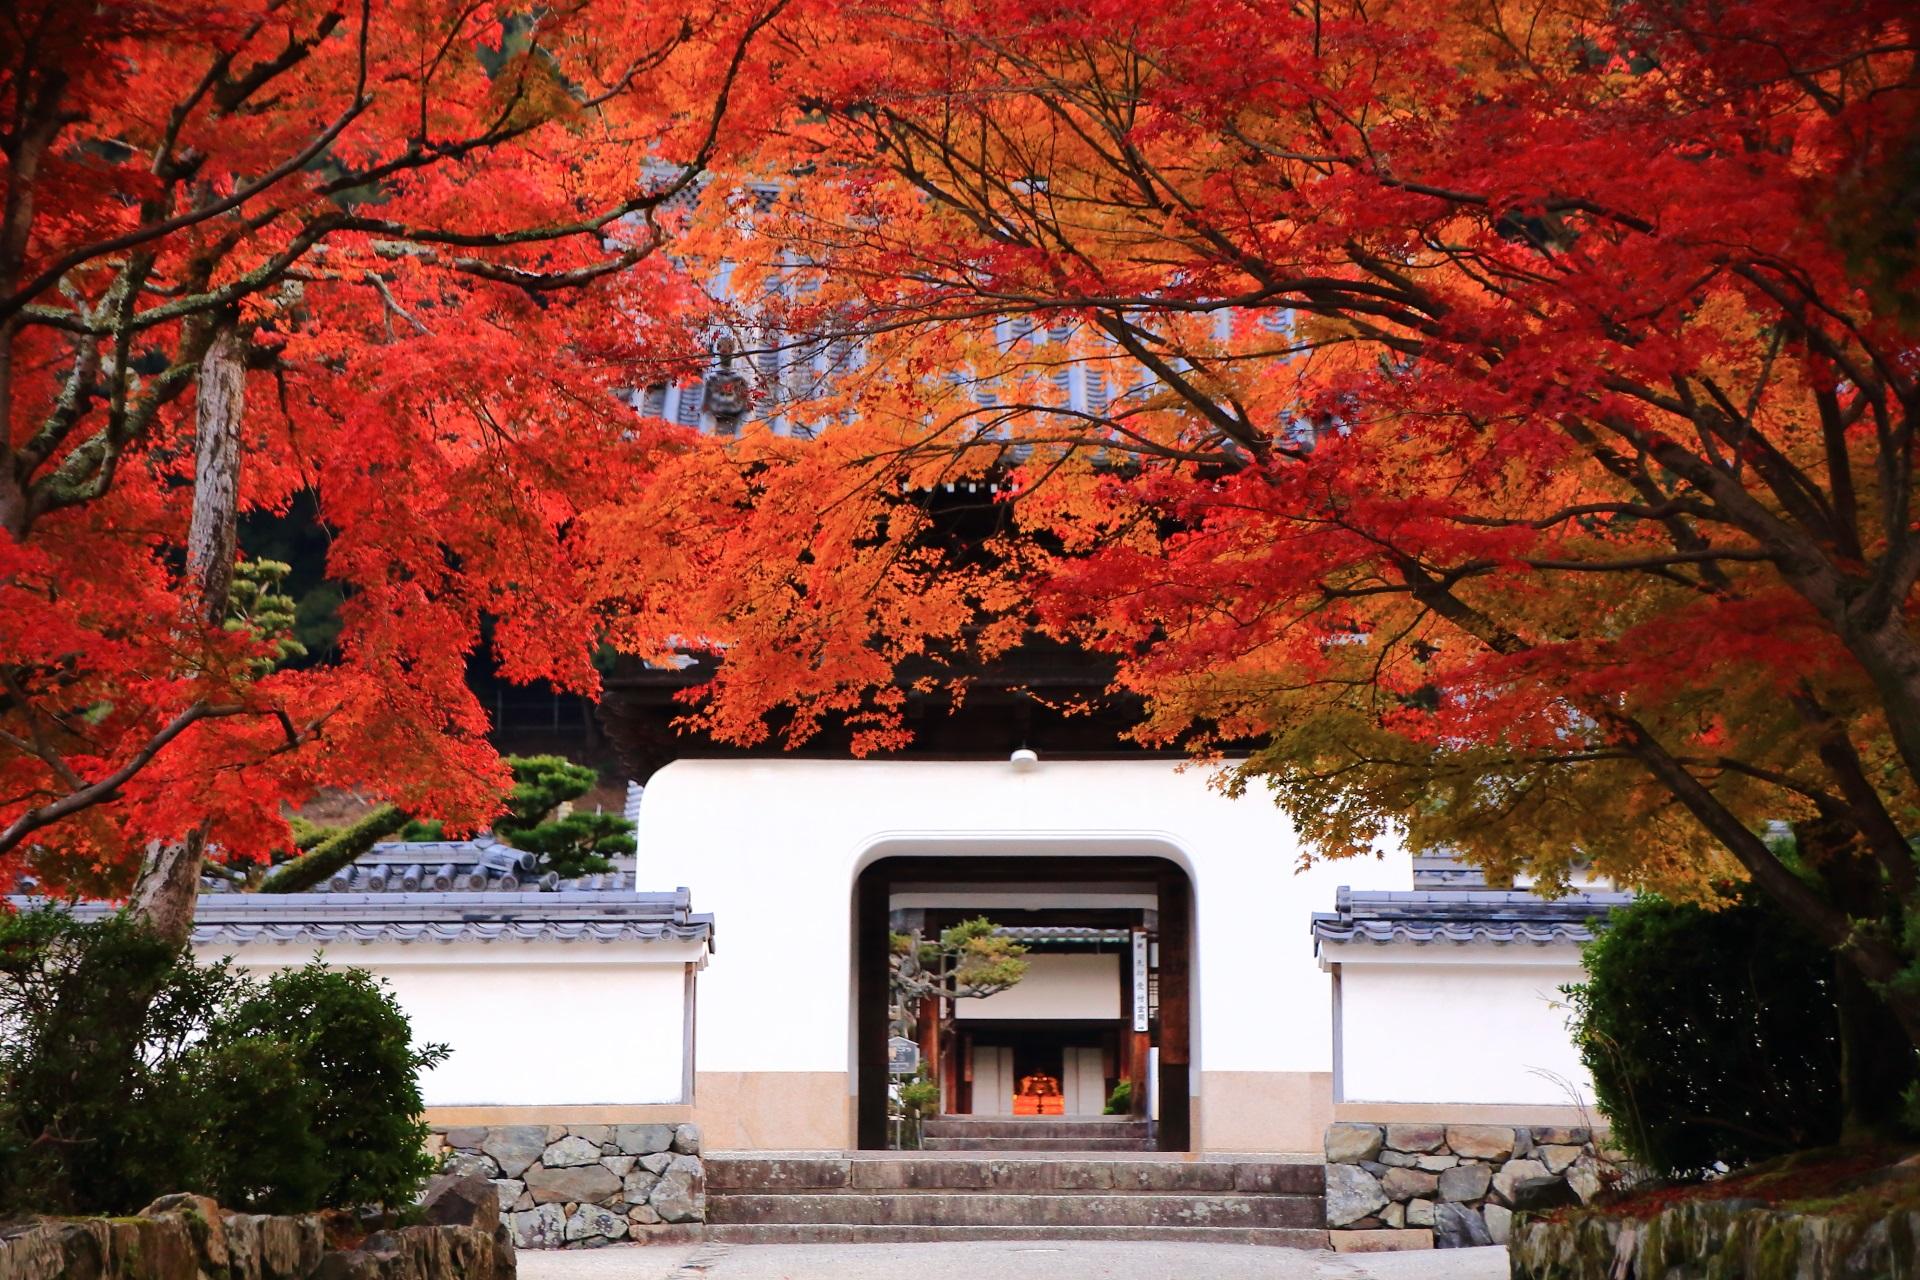 興聖寺の独特の形をした白い山門に映える琴坂の見事な紅葉